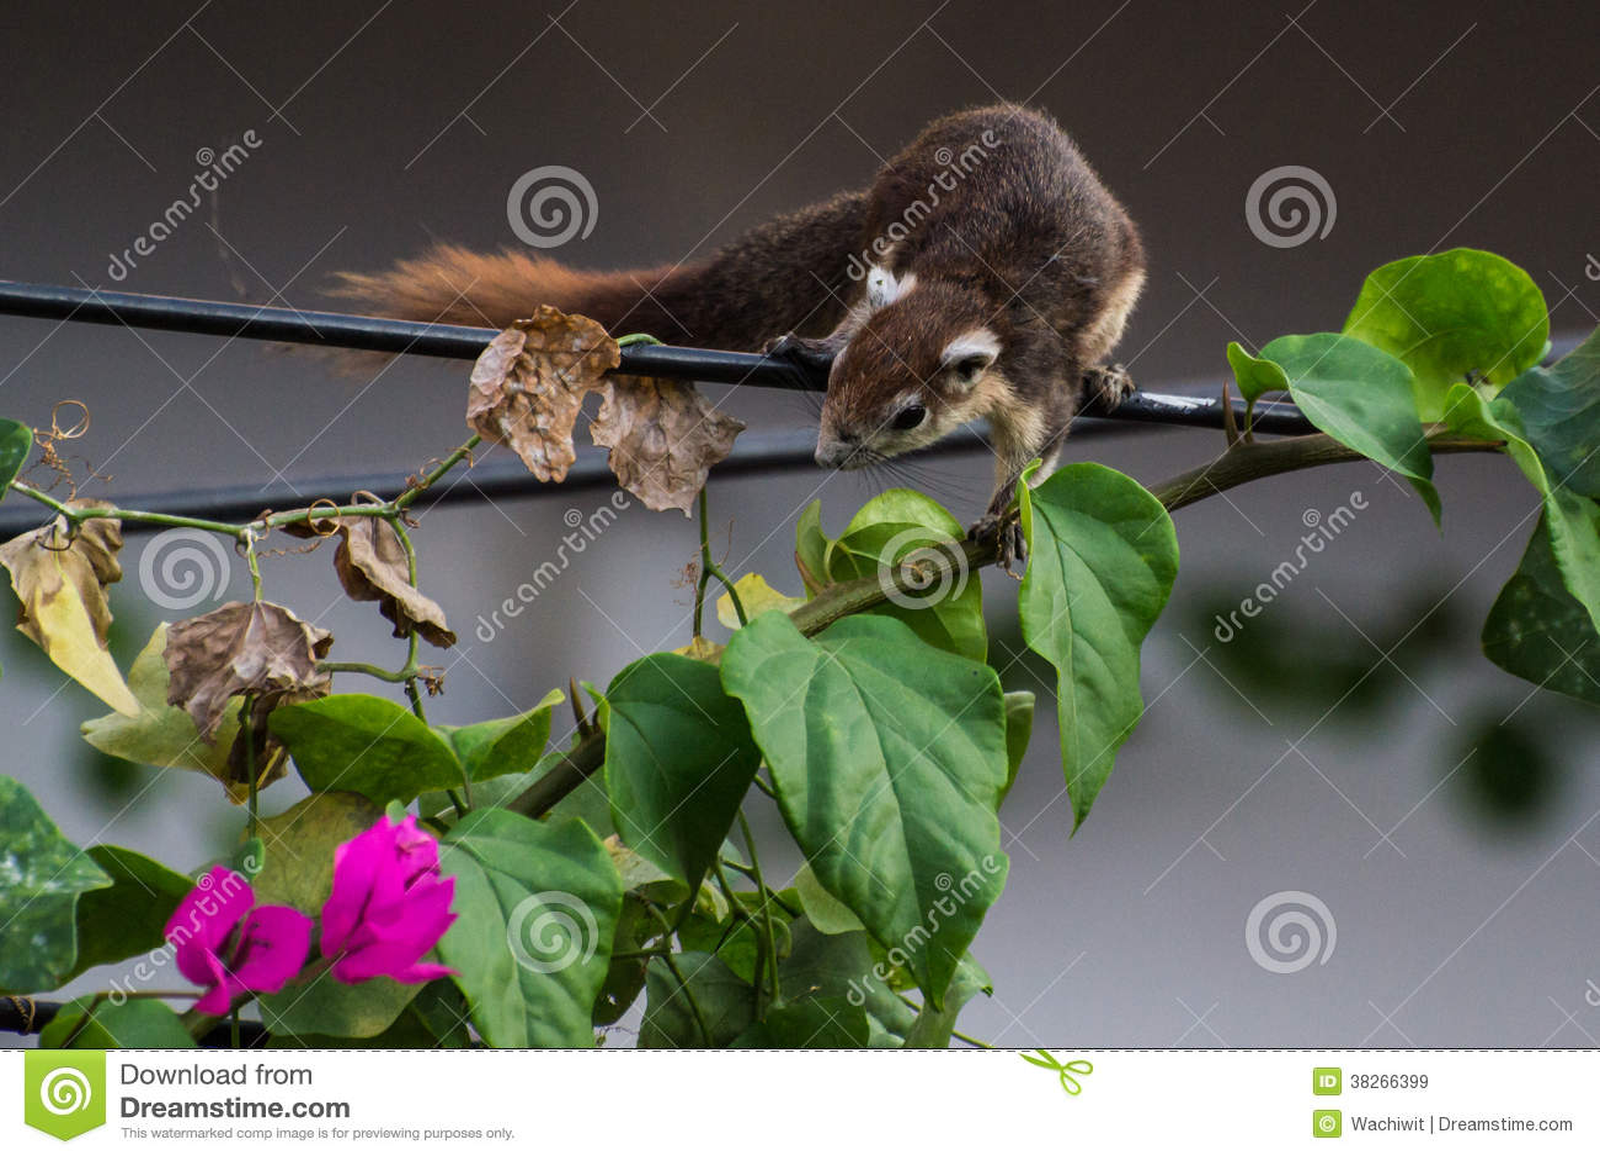 Eichhörnchen Auf Stromdraht Stockbild - Bild von thailand, draht ...